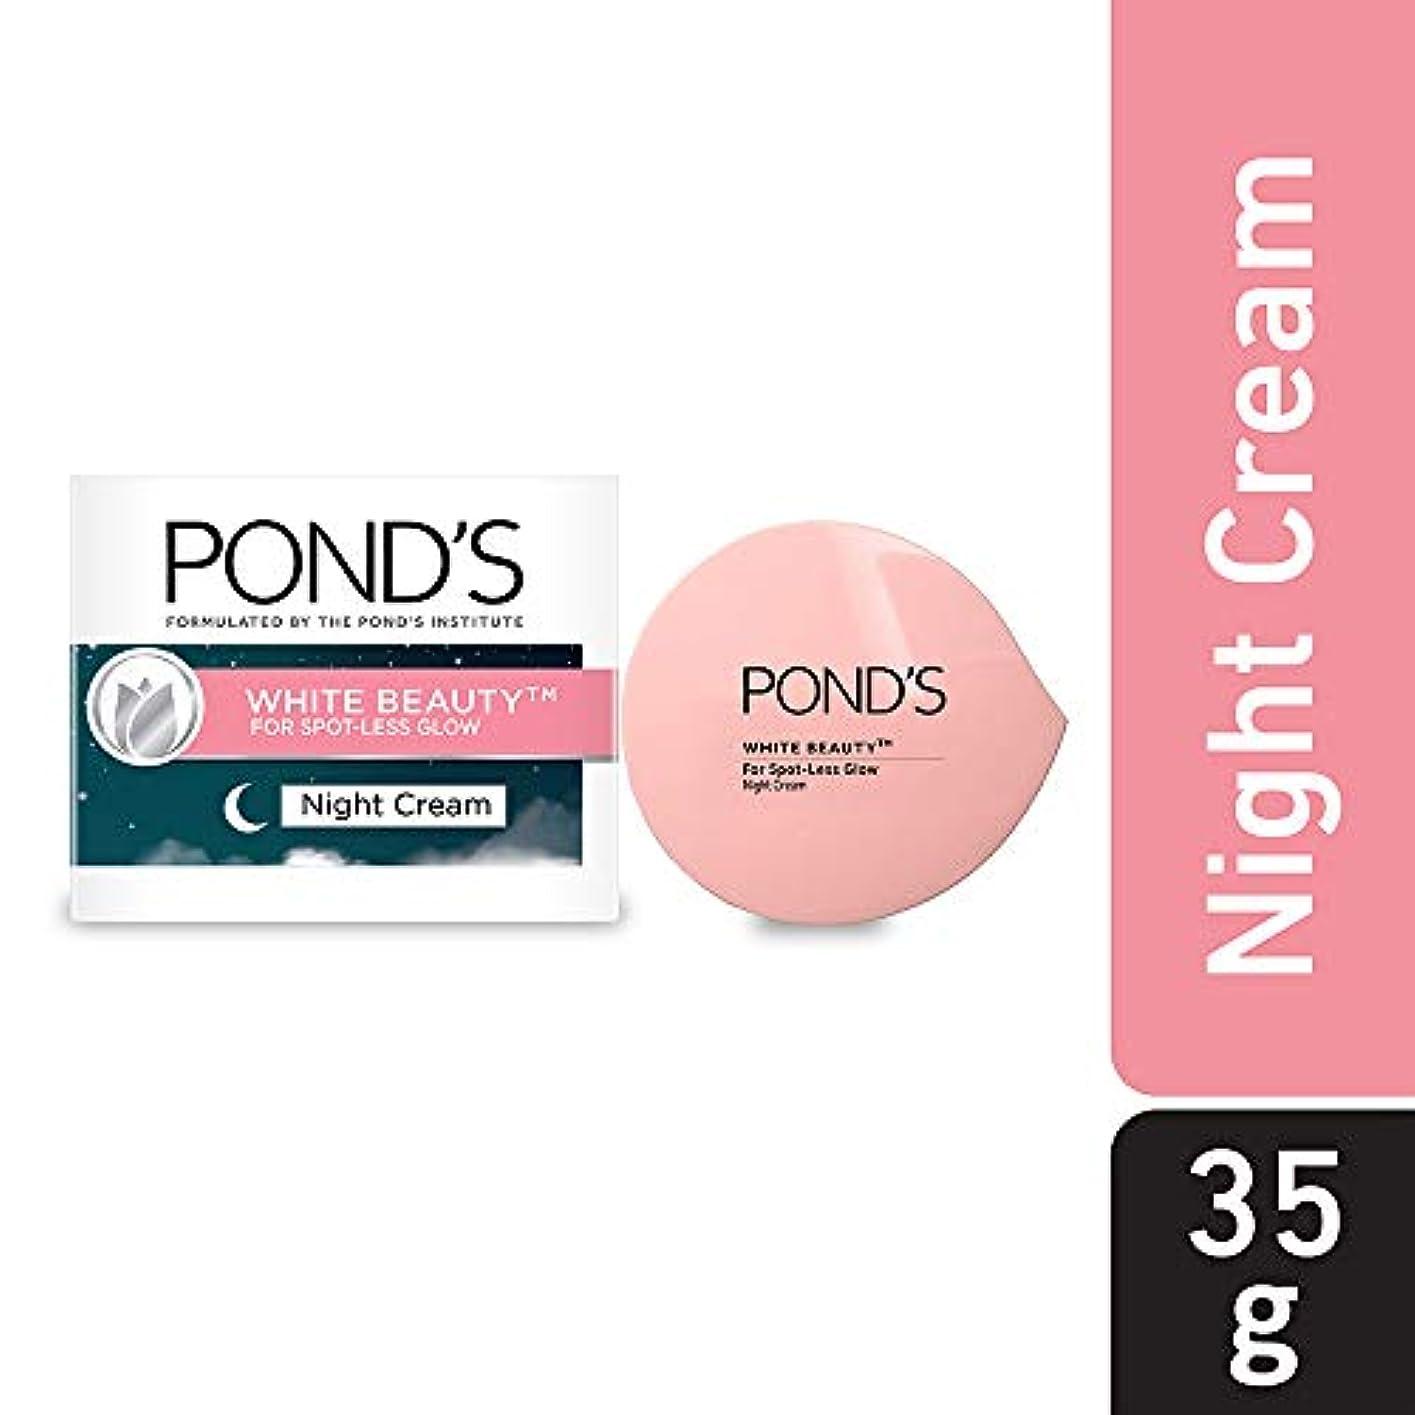 絡まる膨らみ文句を言うPOND'S White Beauty Night Cream, 35 g - India (並行インポート)